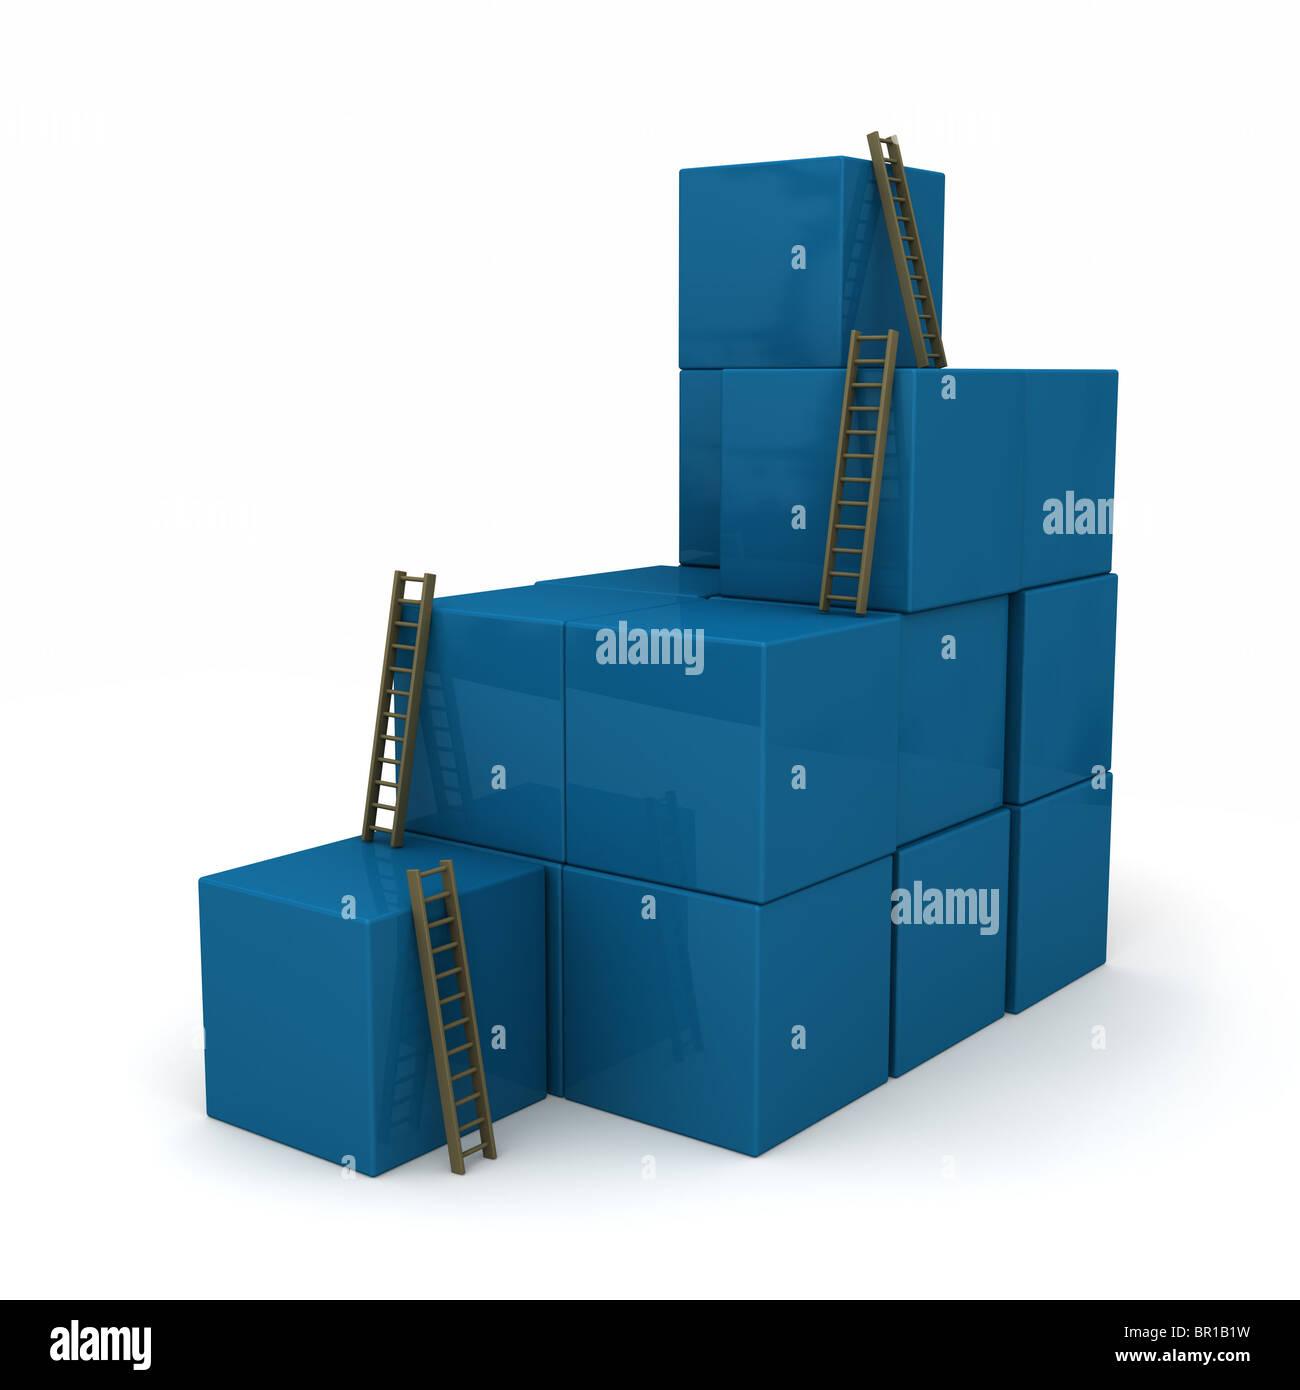 Blocchi di colore blu impilati in modo casuale con scale per la parte superiore. Isolato su bianco Immagini Stock